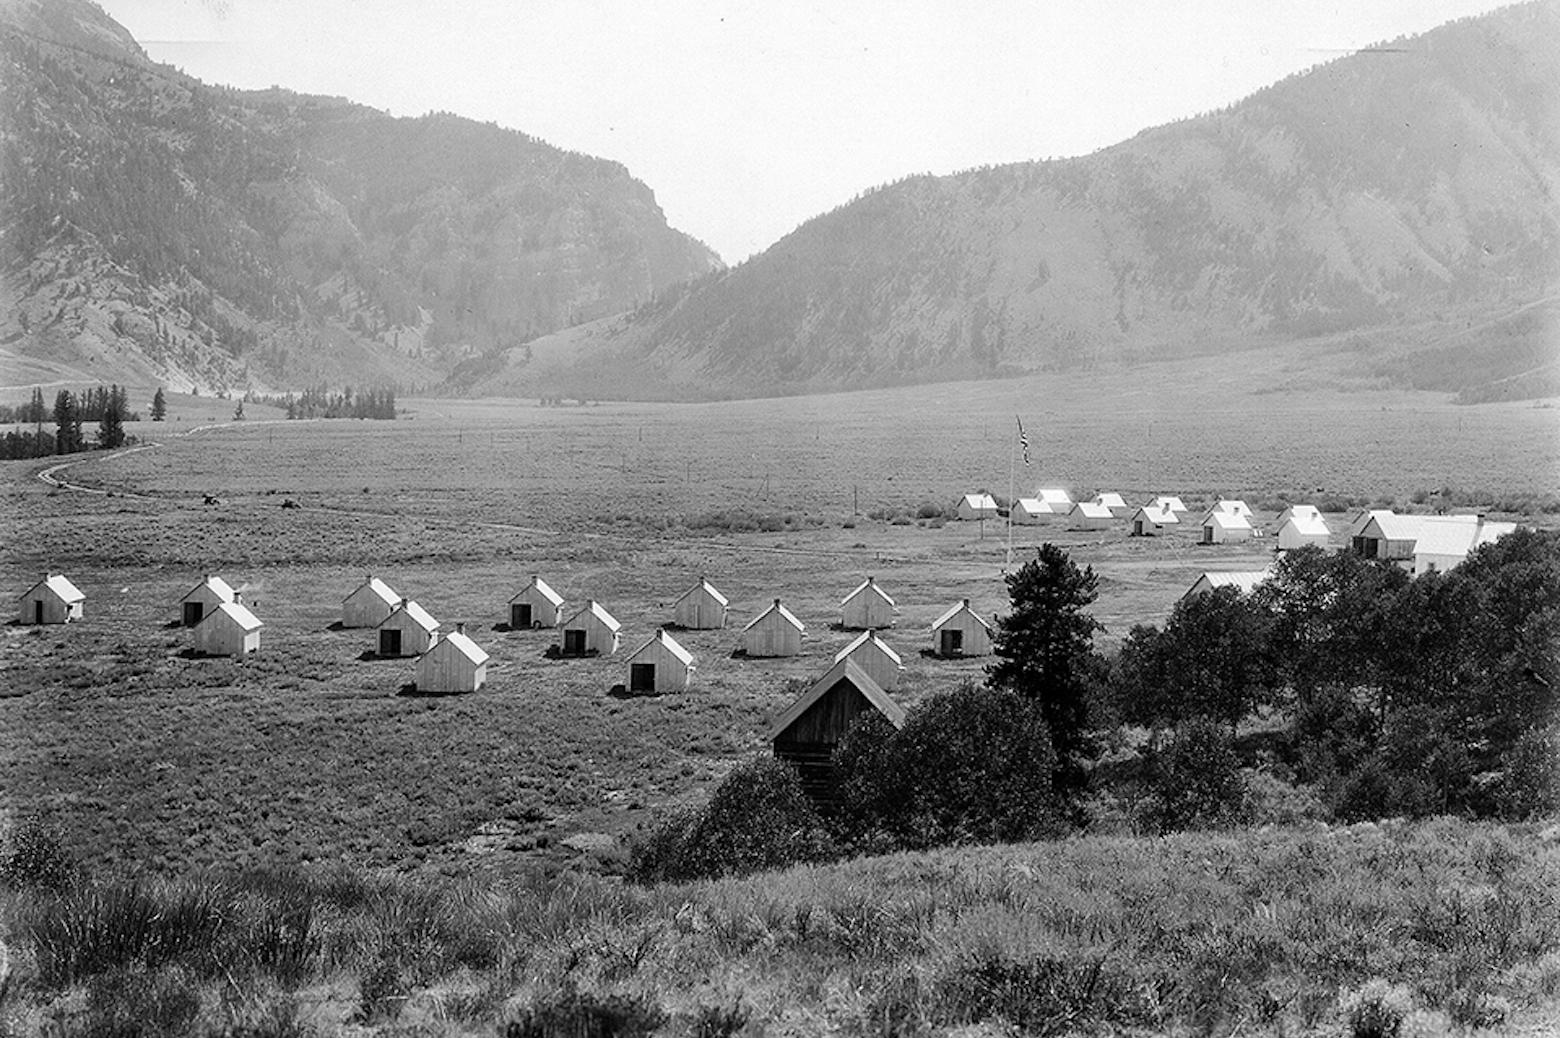 The Camp Davis cabins in a field